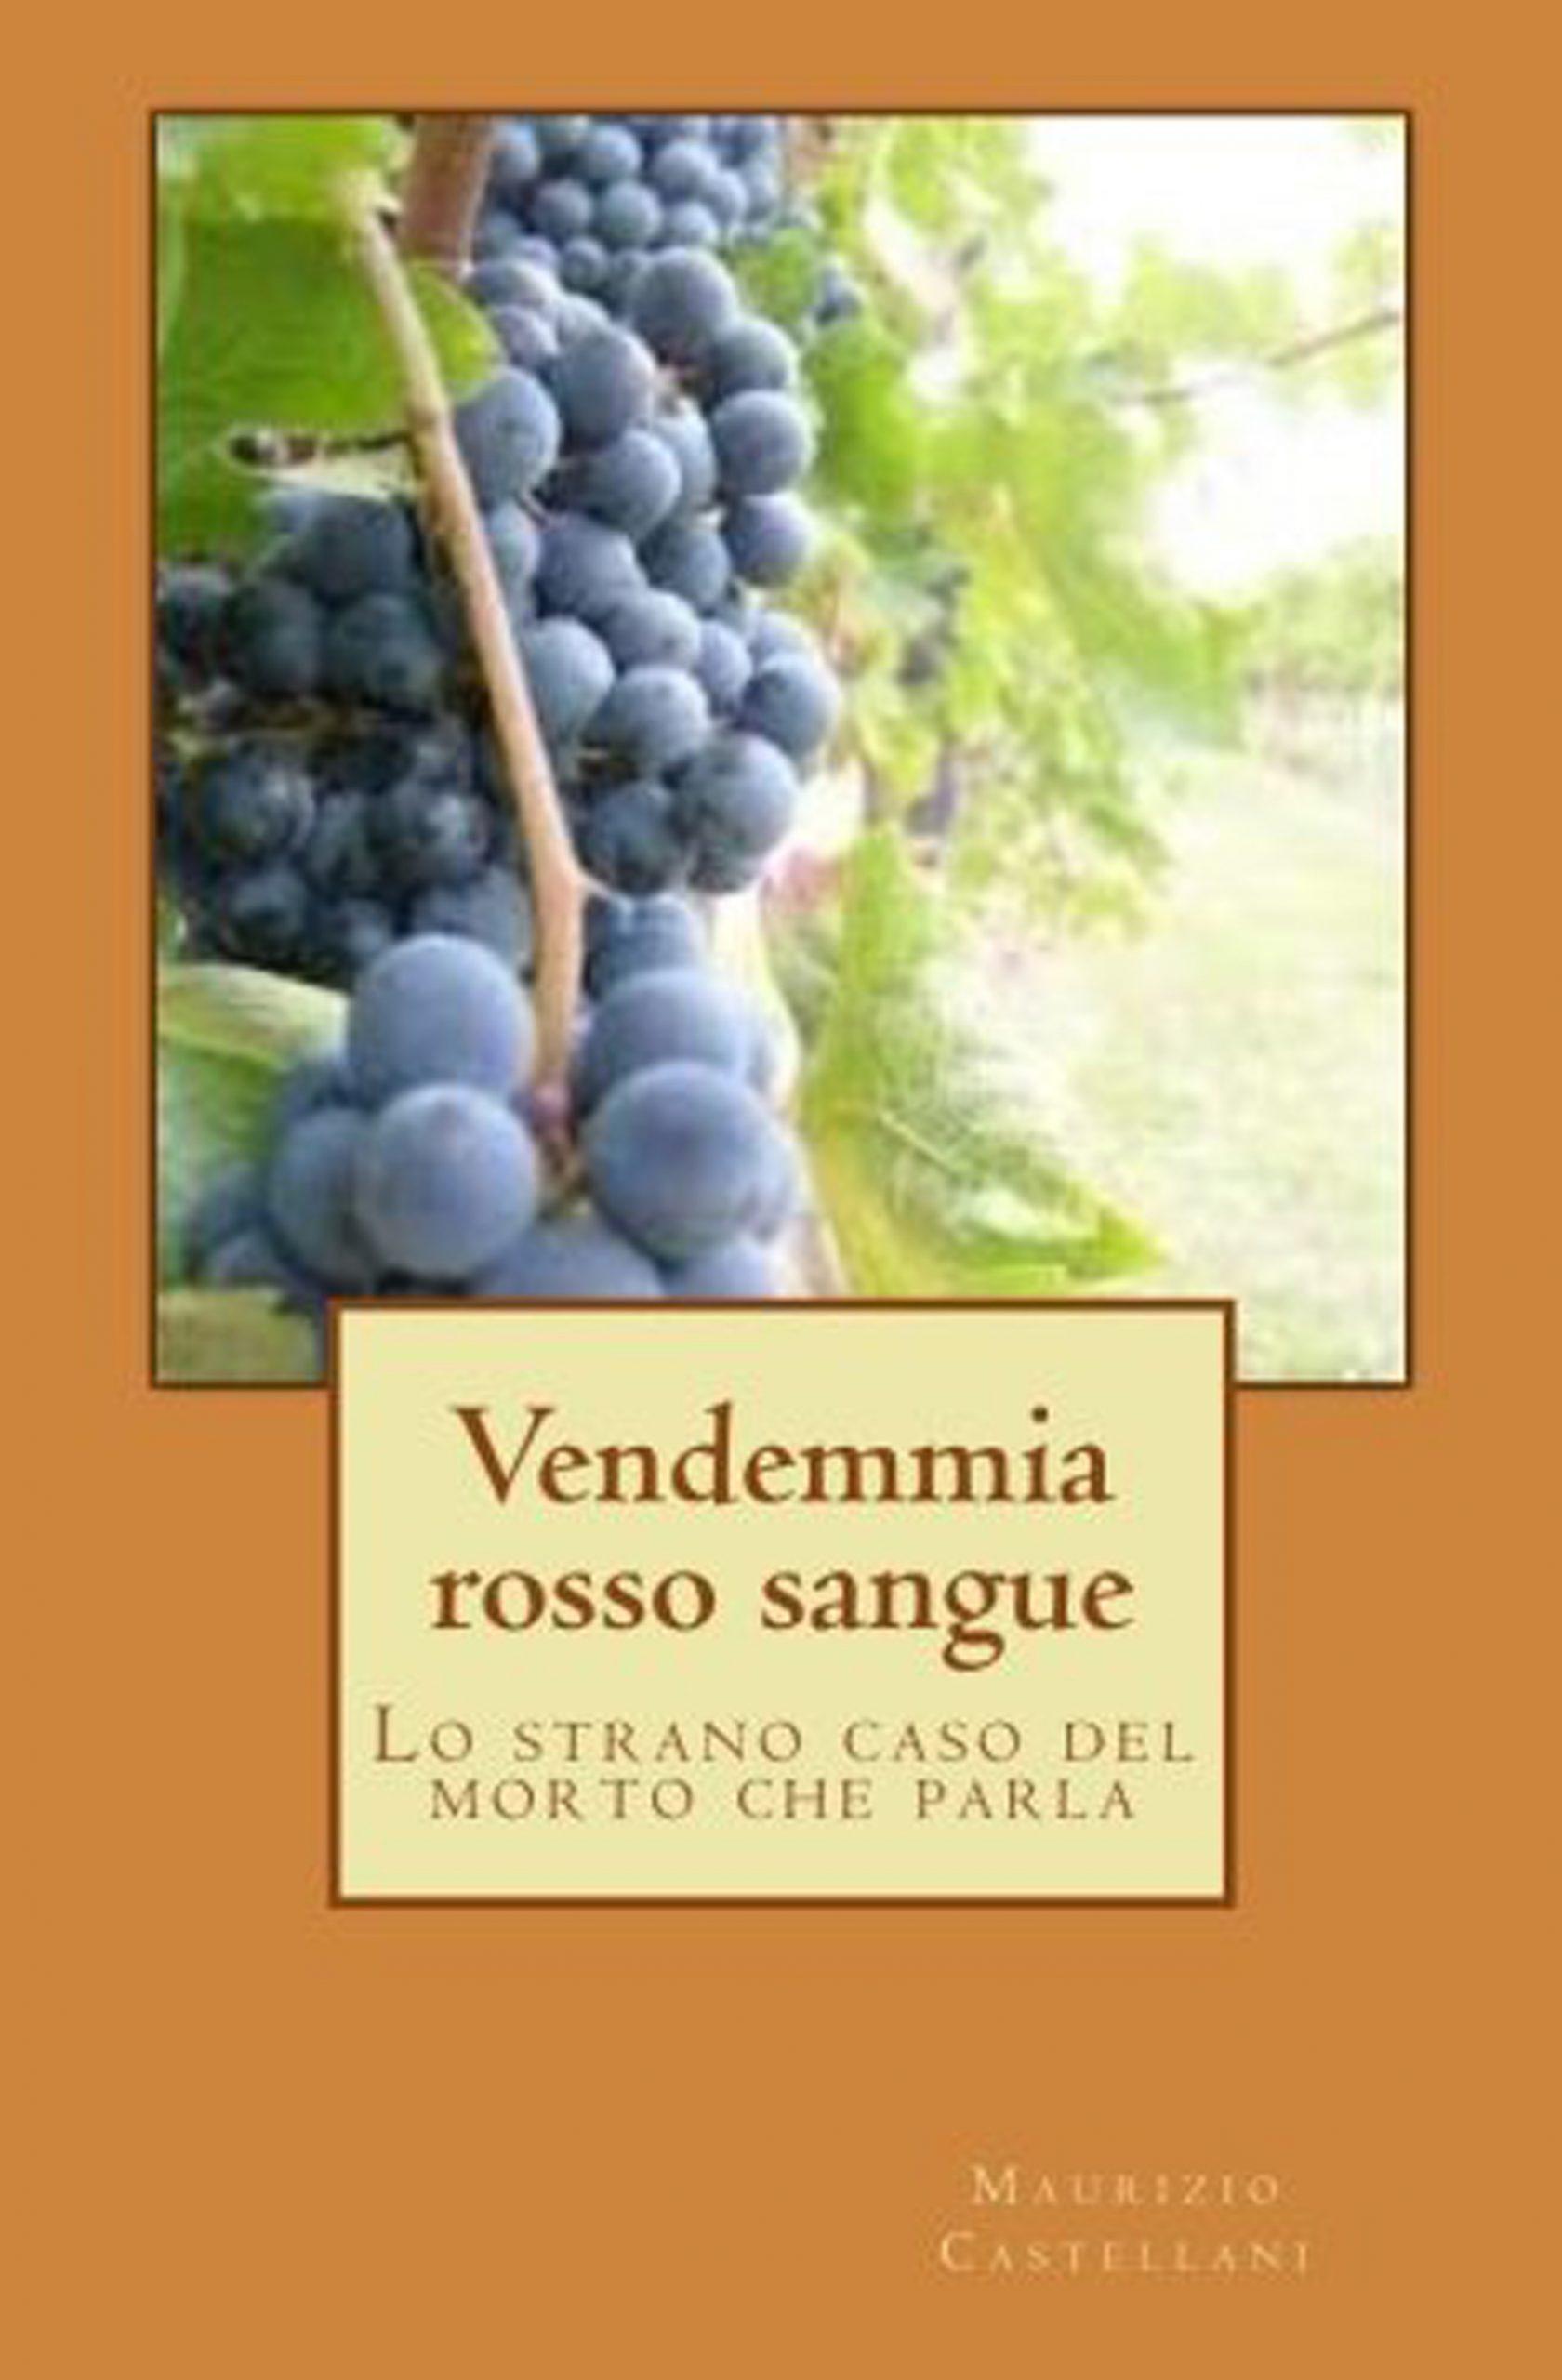 Recensione libro:Vendemmia Rosso Sangue: Lo Strano Caso Del Morto Che Parla.